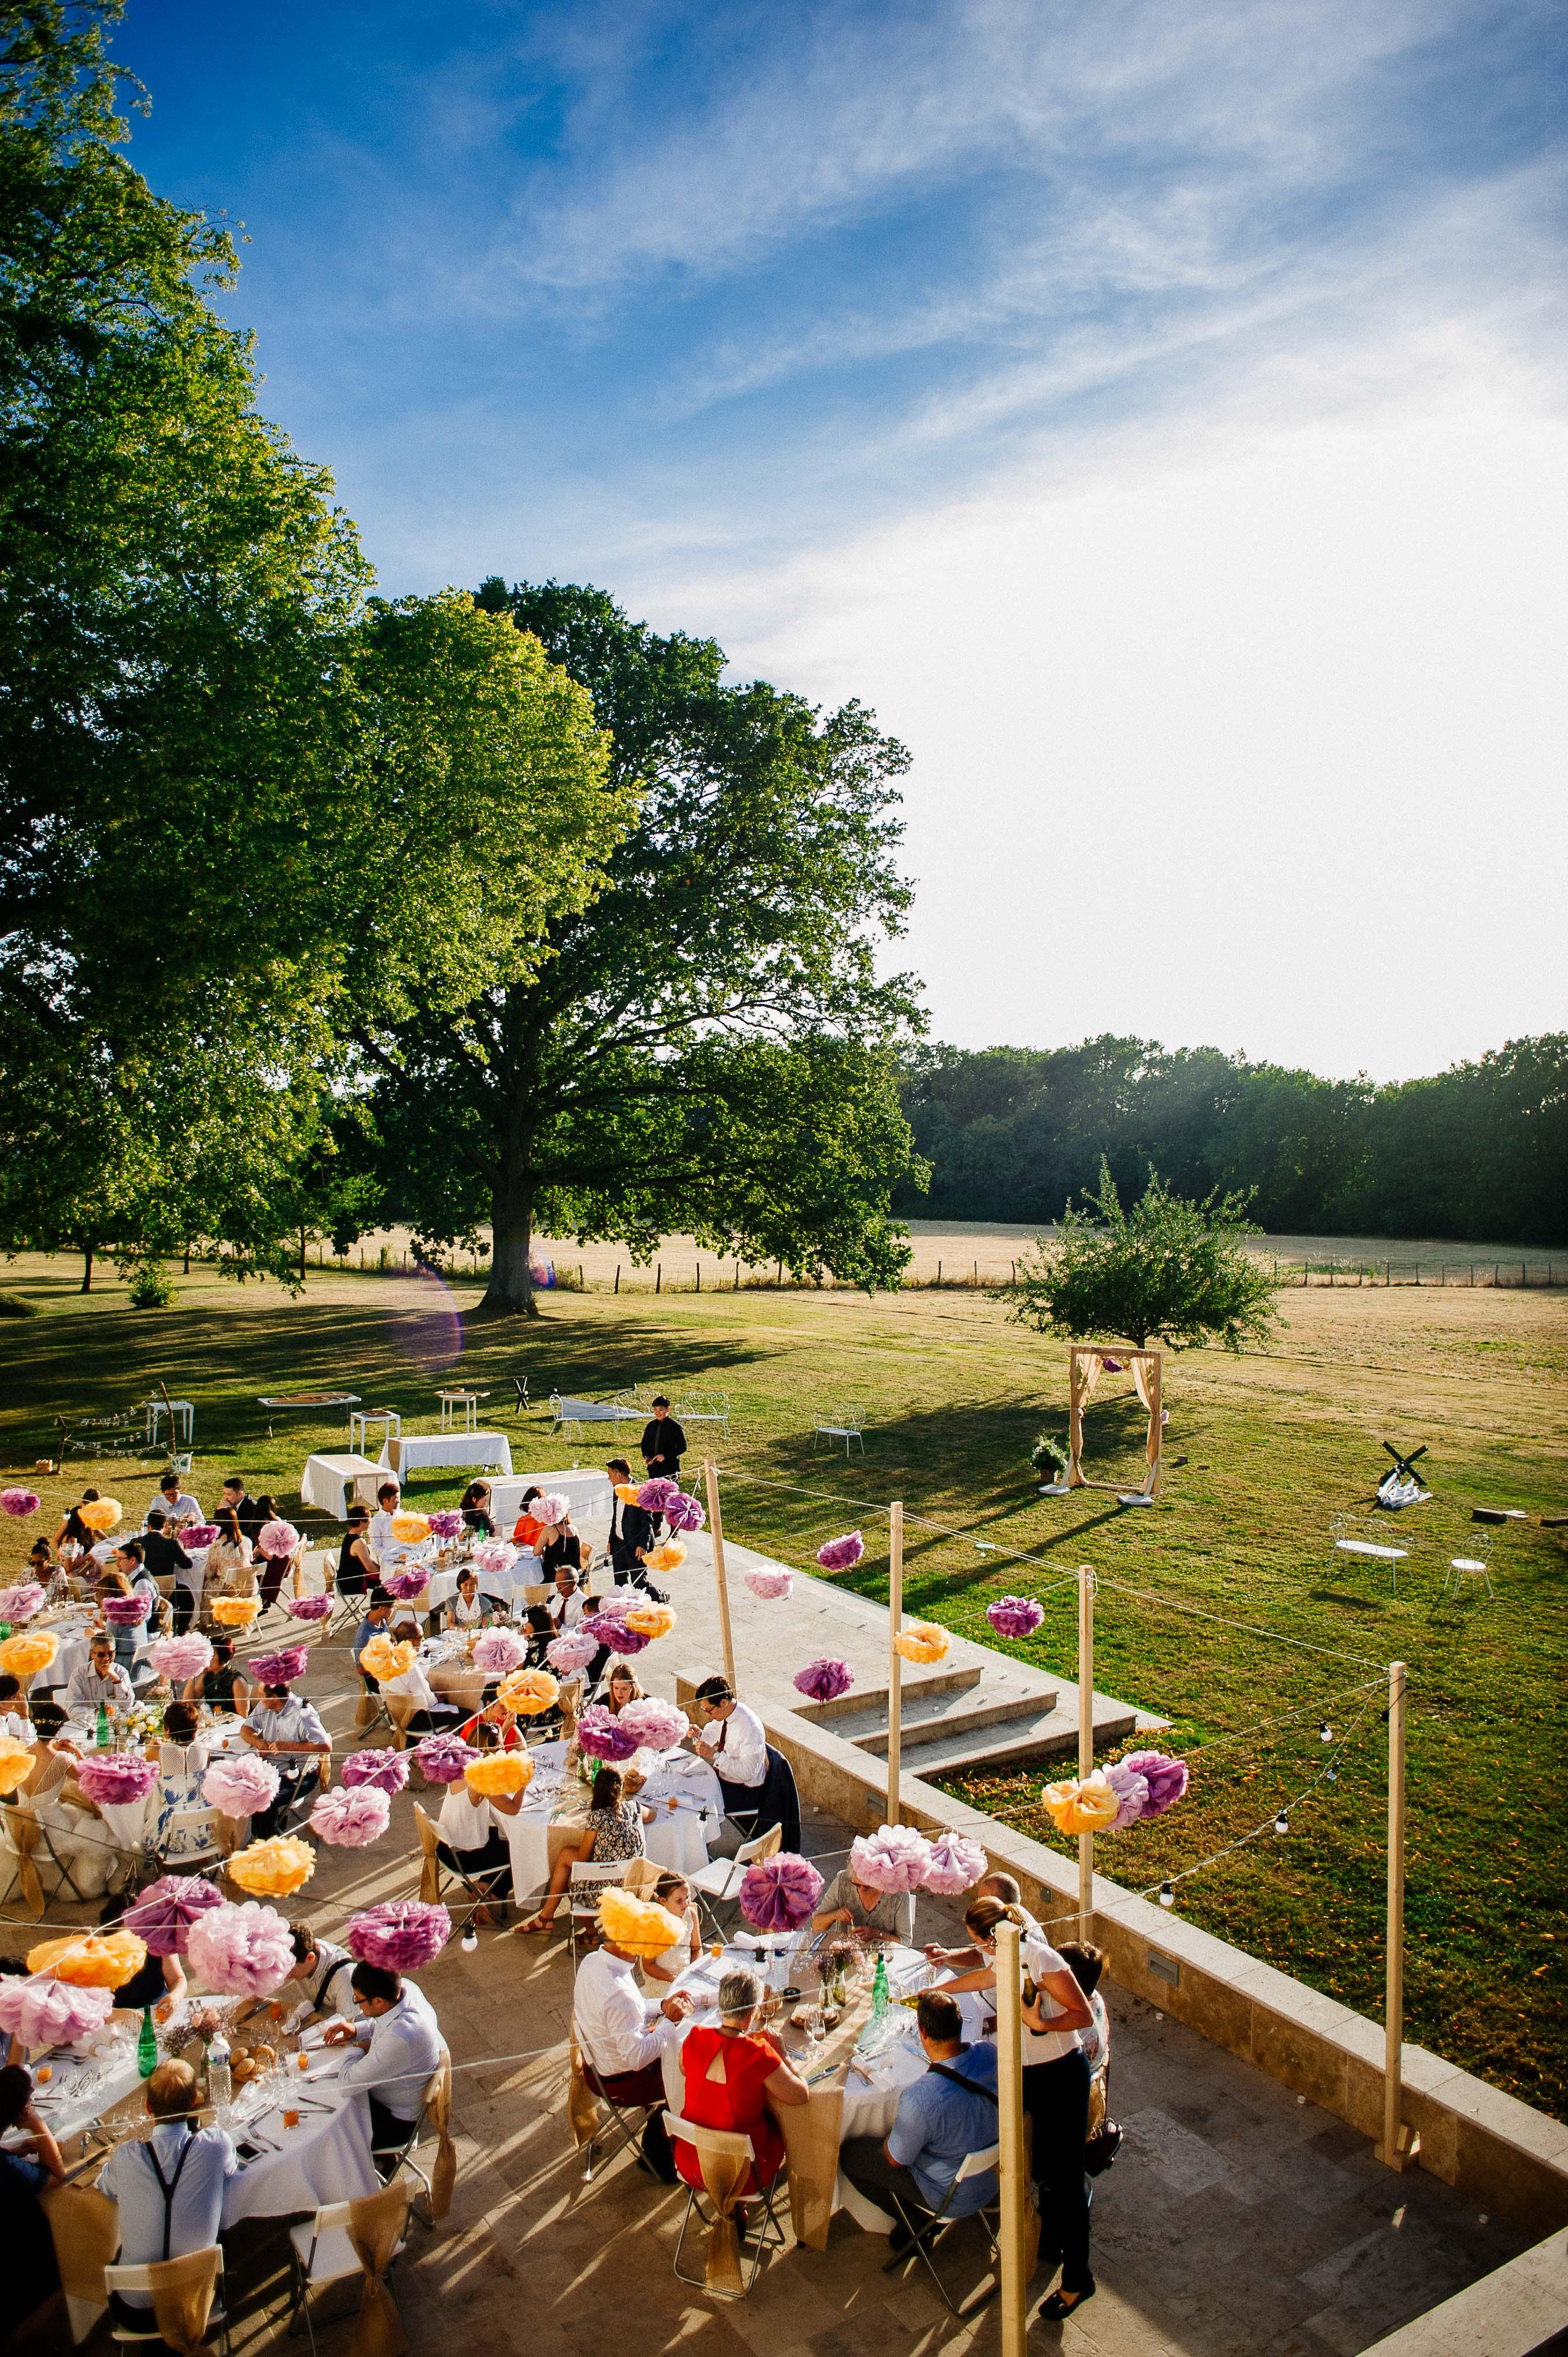 Dîner de mariage en terrasse au château de Monfort - Photographe de mariage en Bourgogne | Wedding photographer in Burgundy